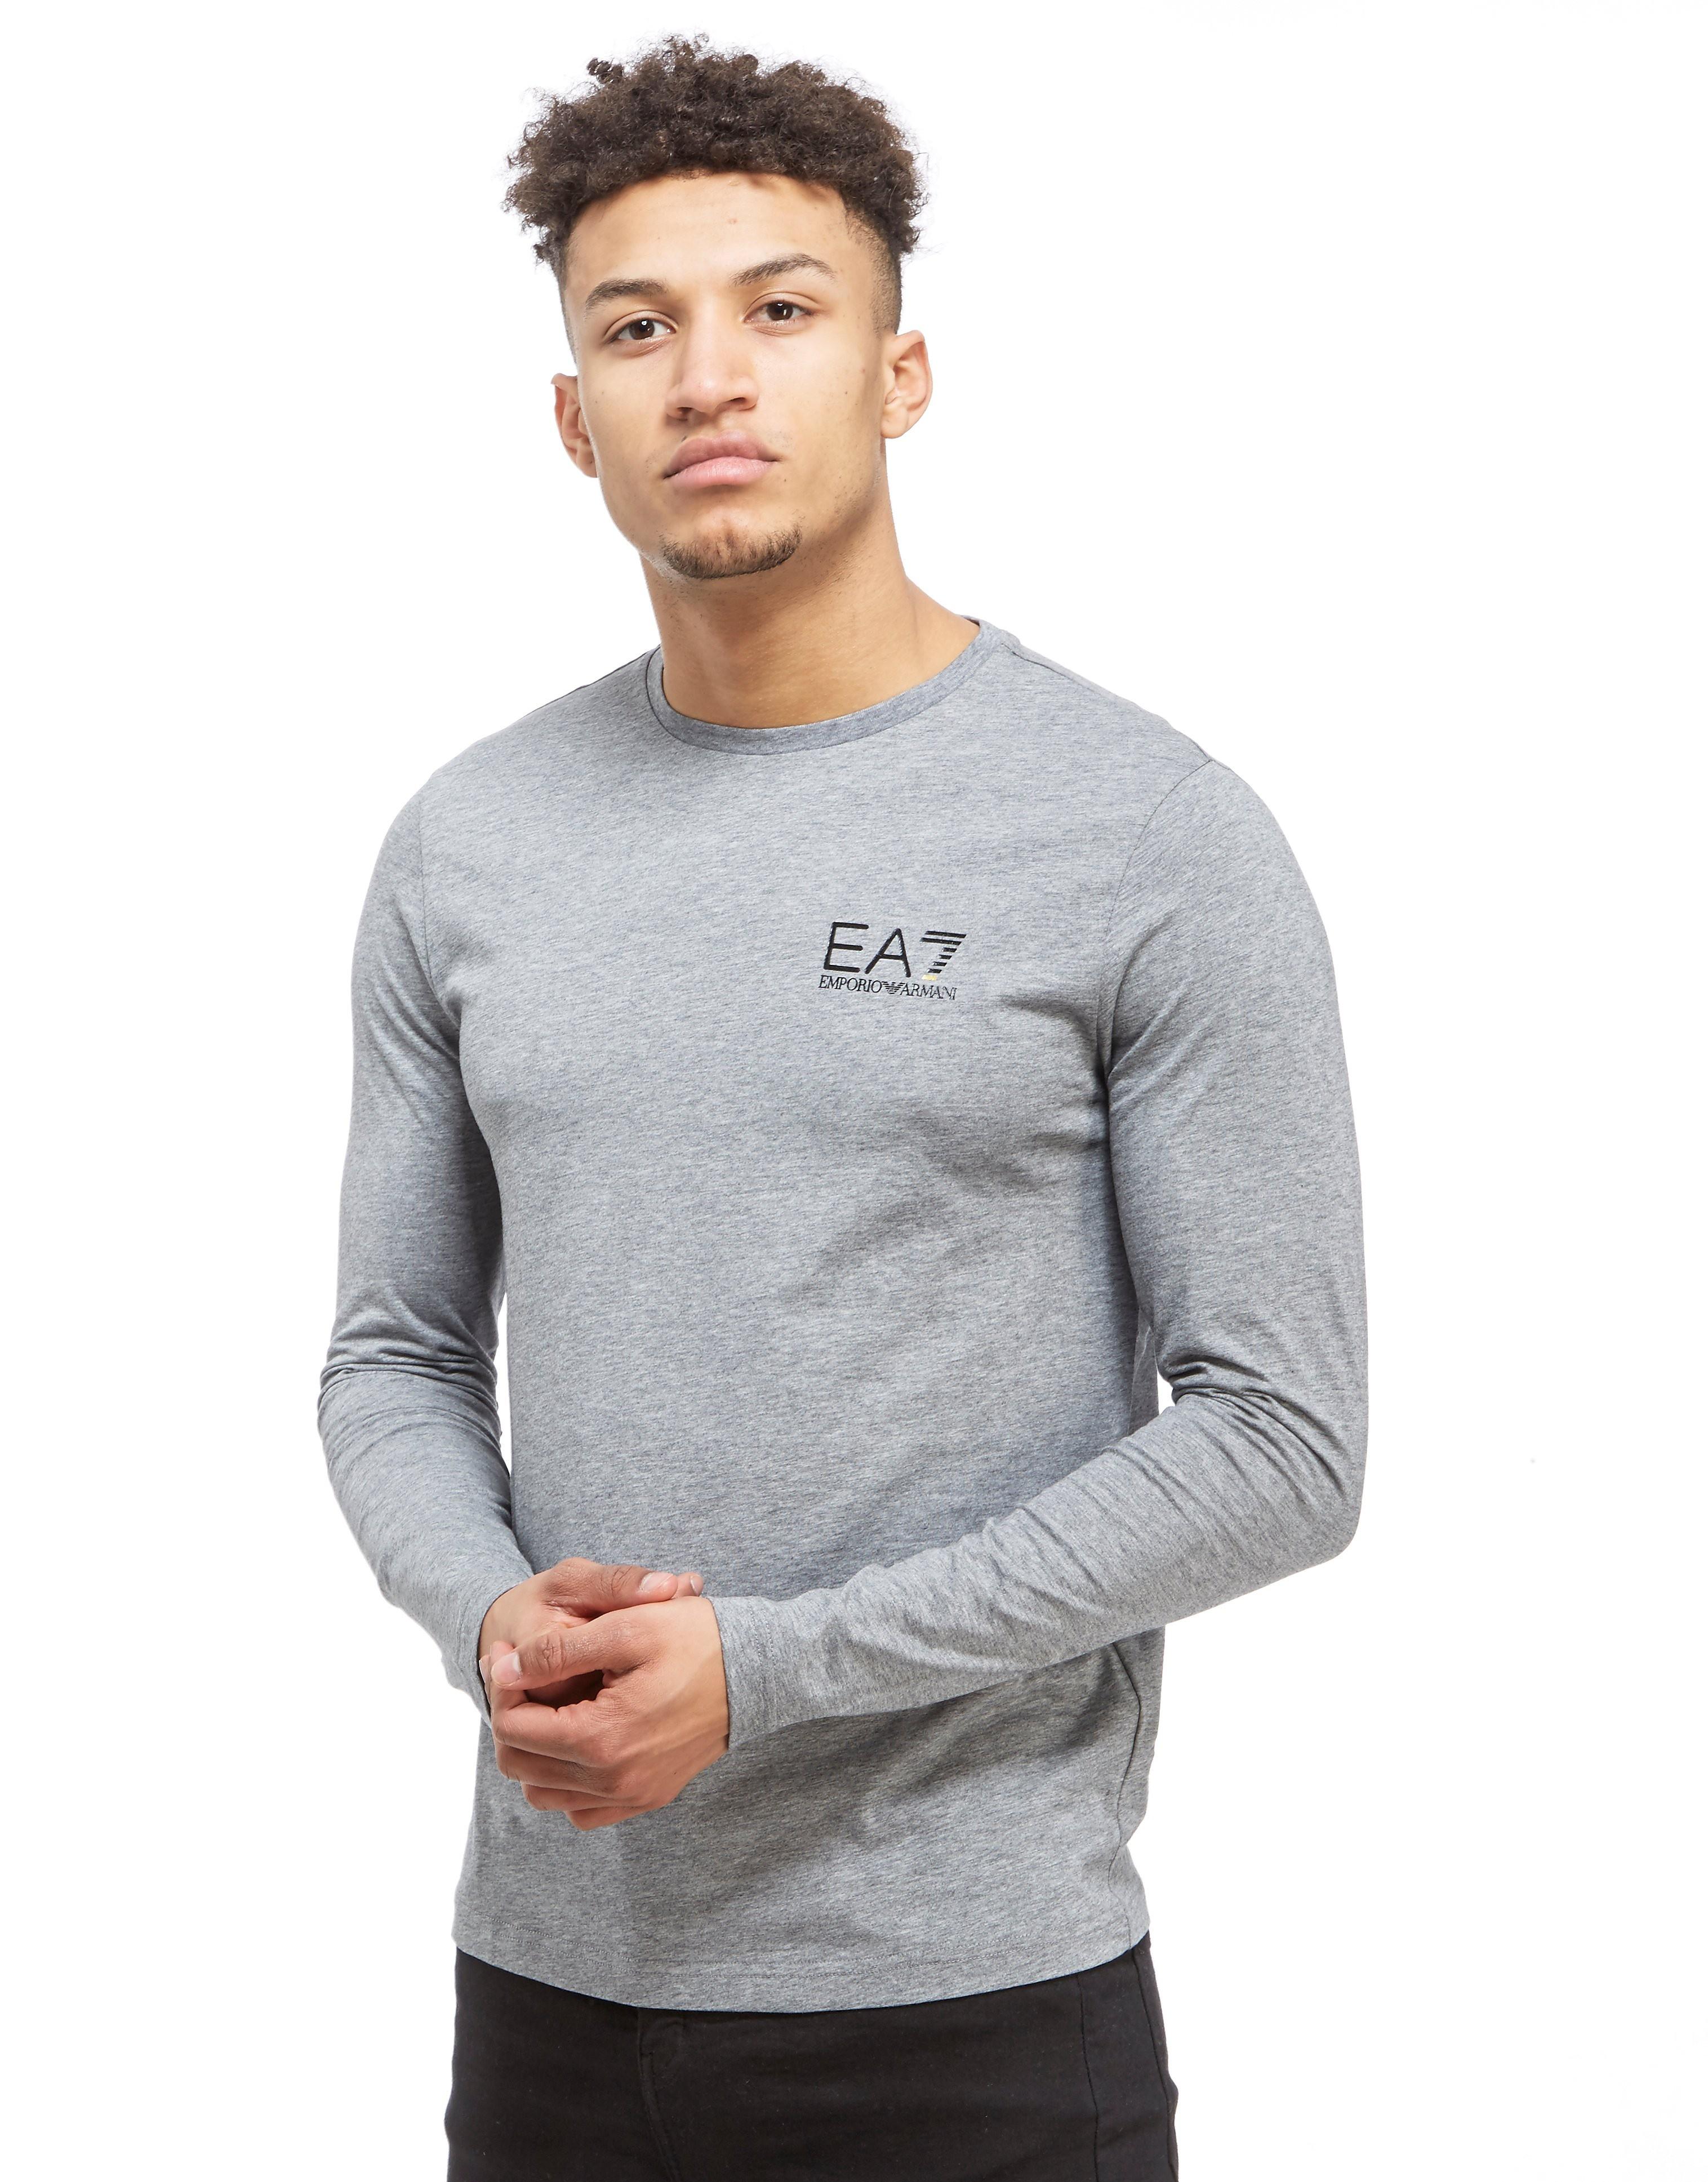 Emporio Armani EA7 Core Long Sleeved T-Shirt